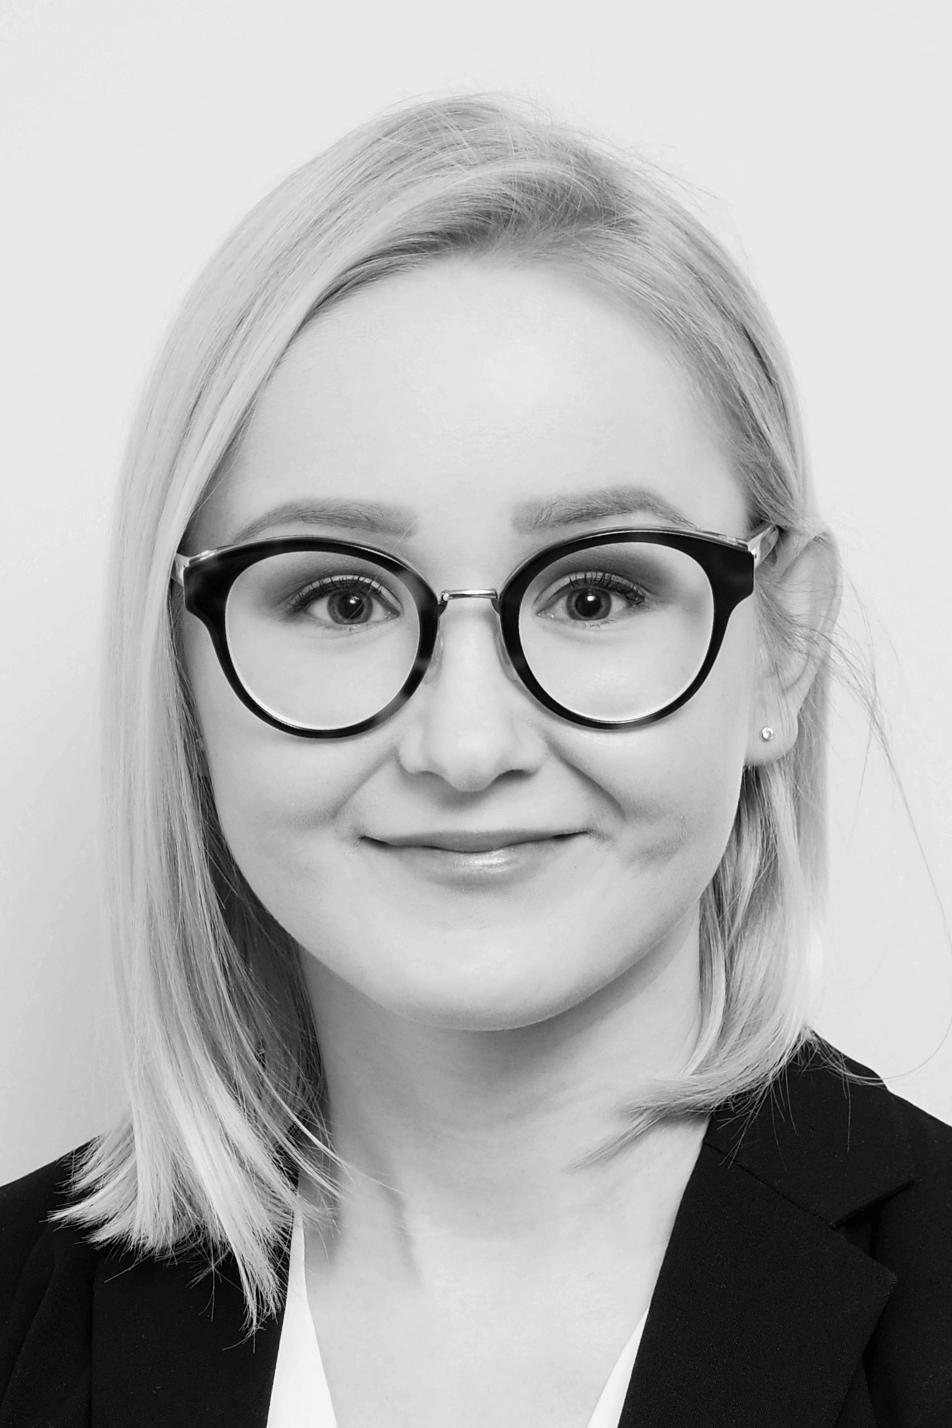 Janni Hietanen